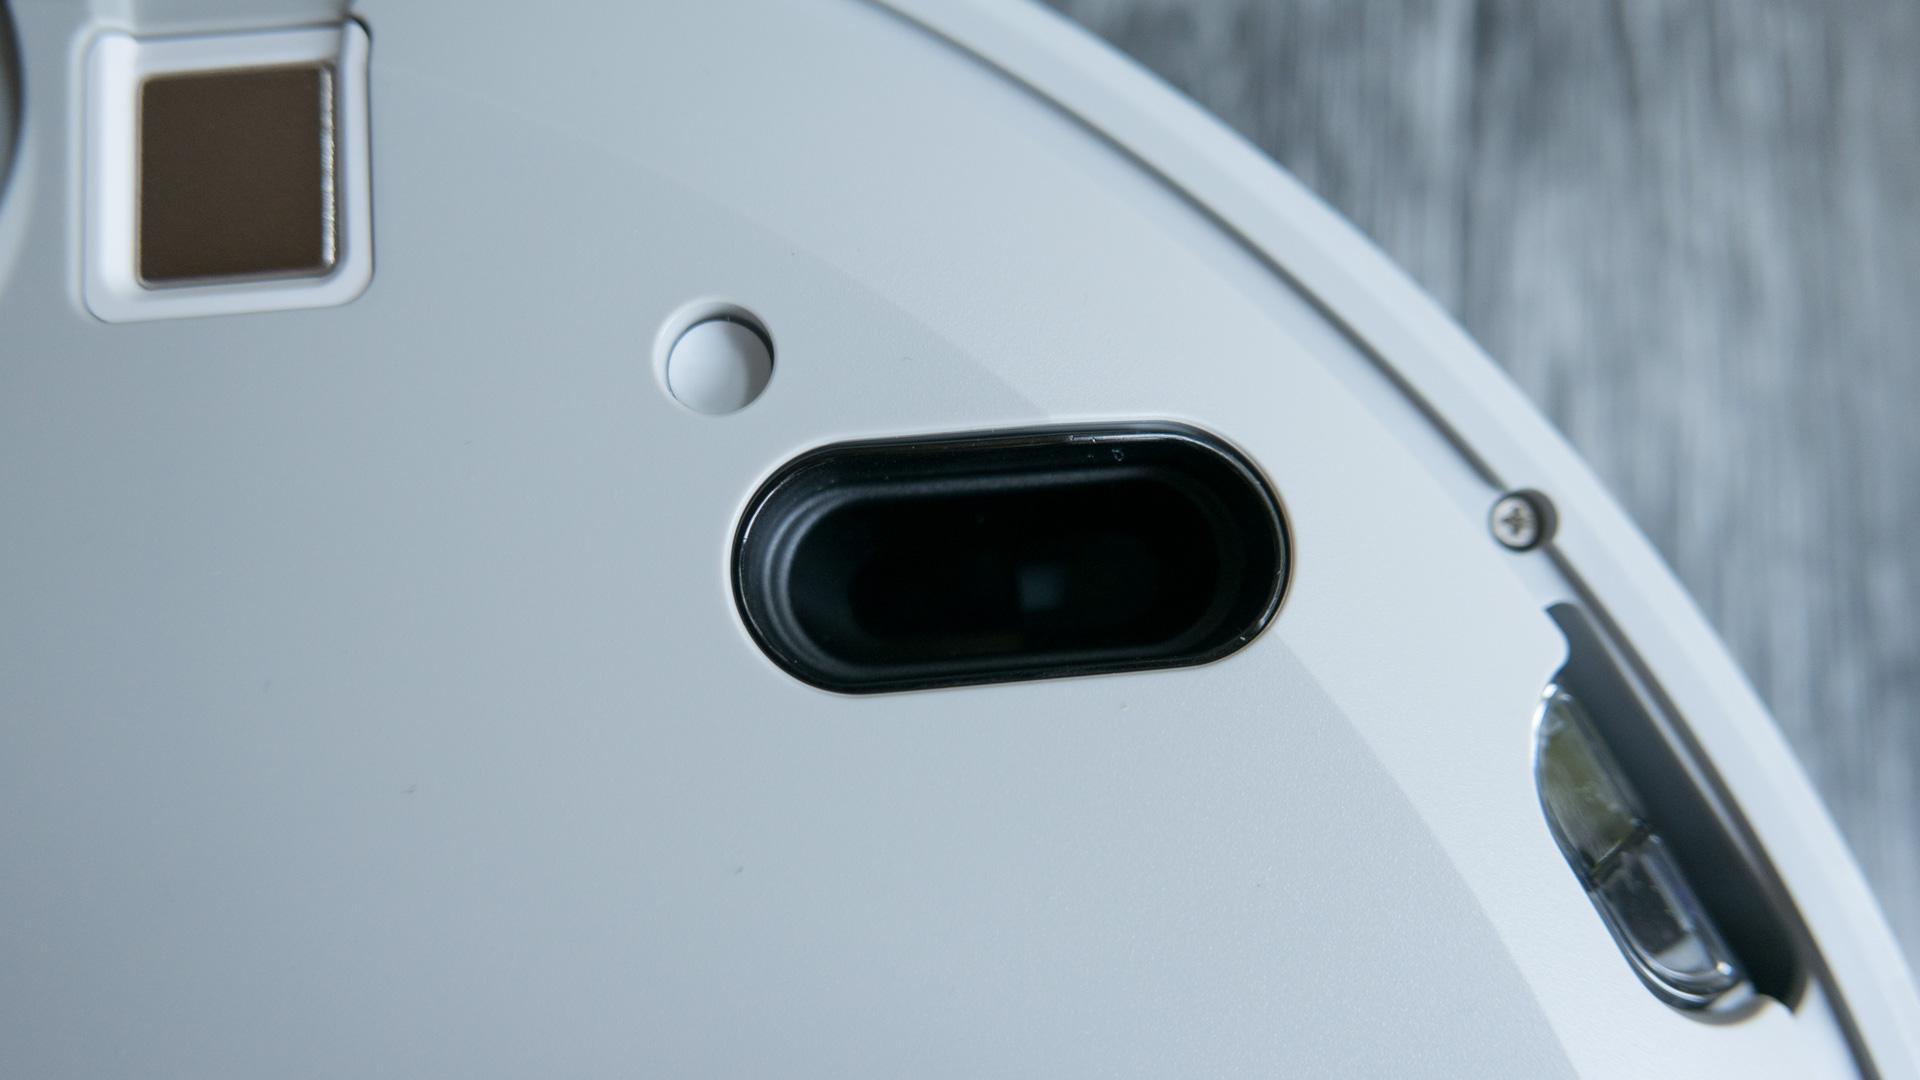 Xiaomi roborock Xiaowa Details 18